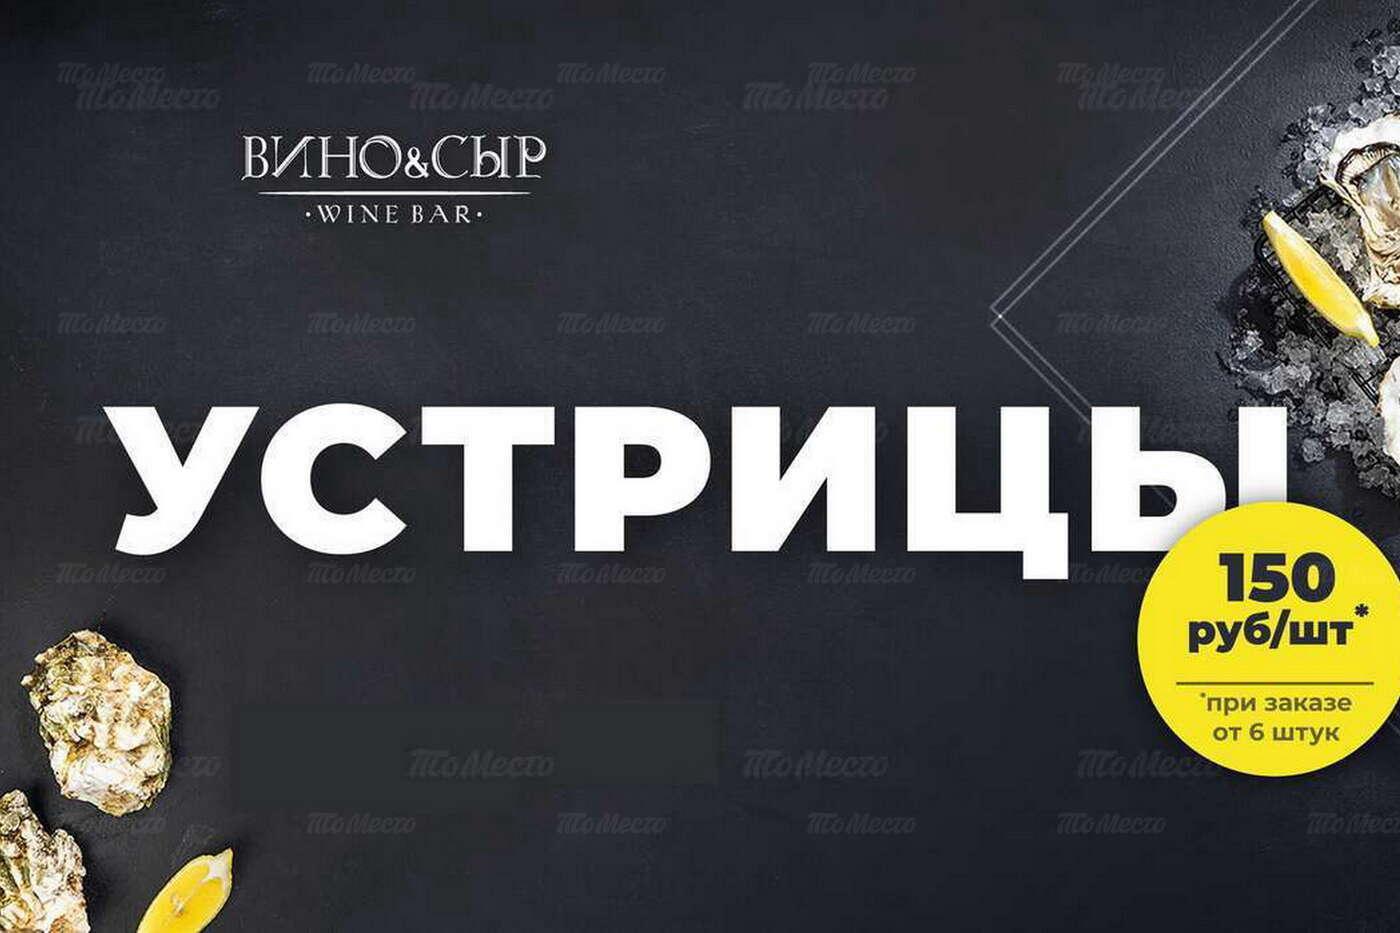 Устрицы по 150 рублей за штуку